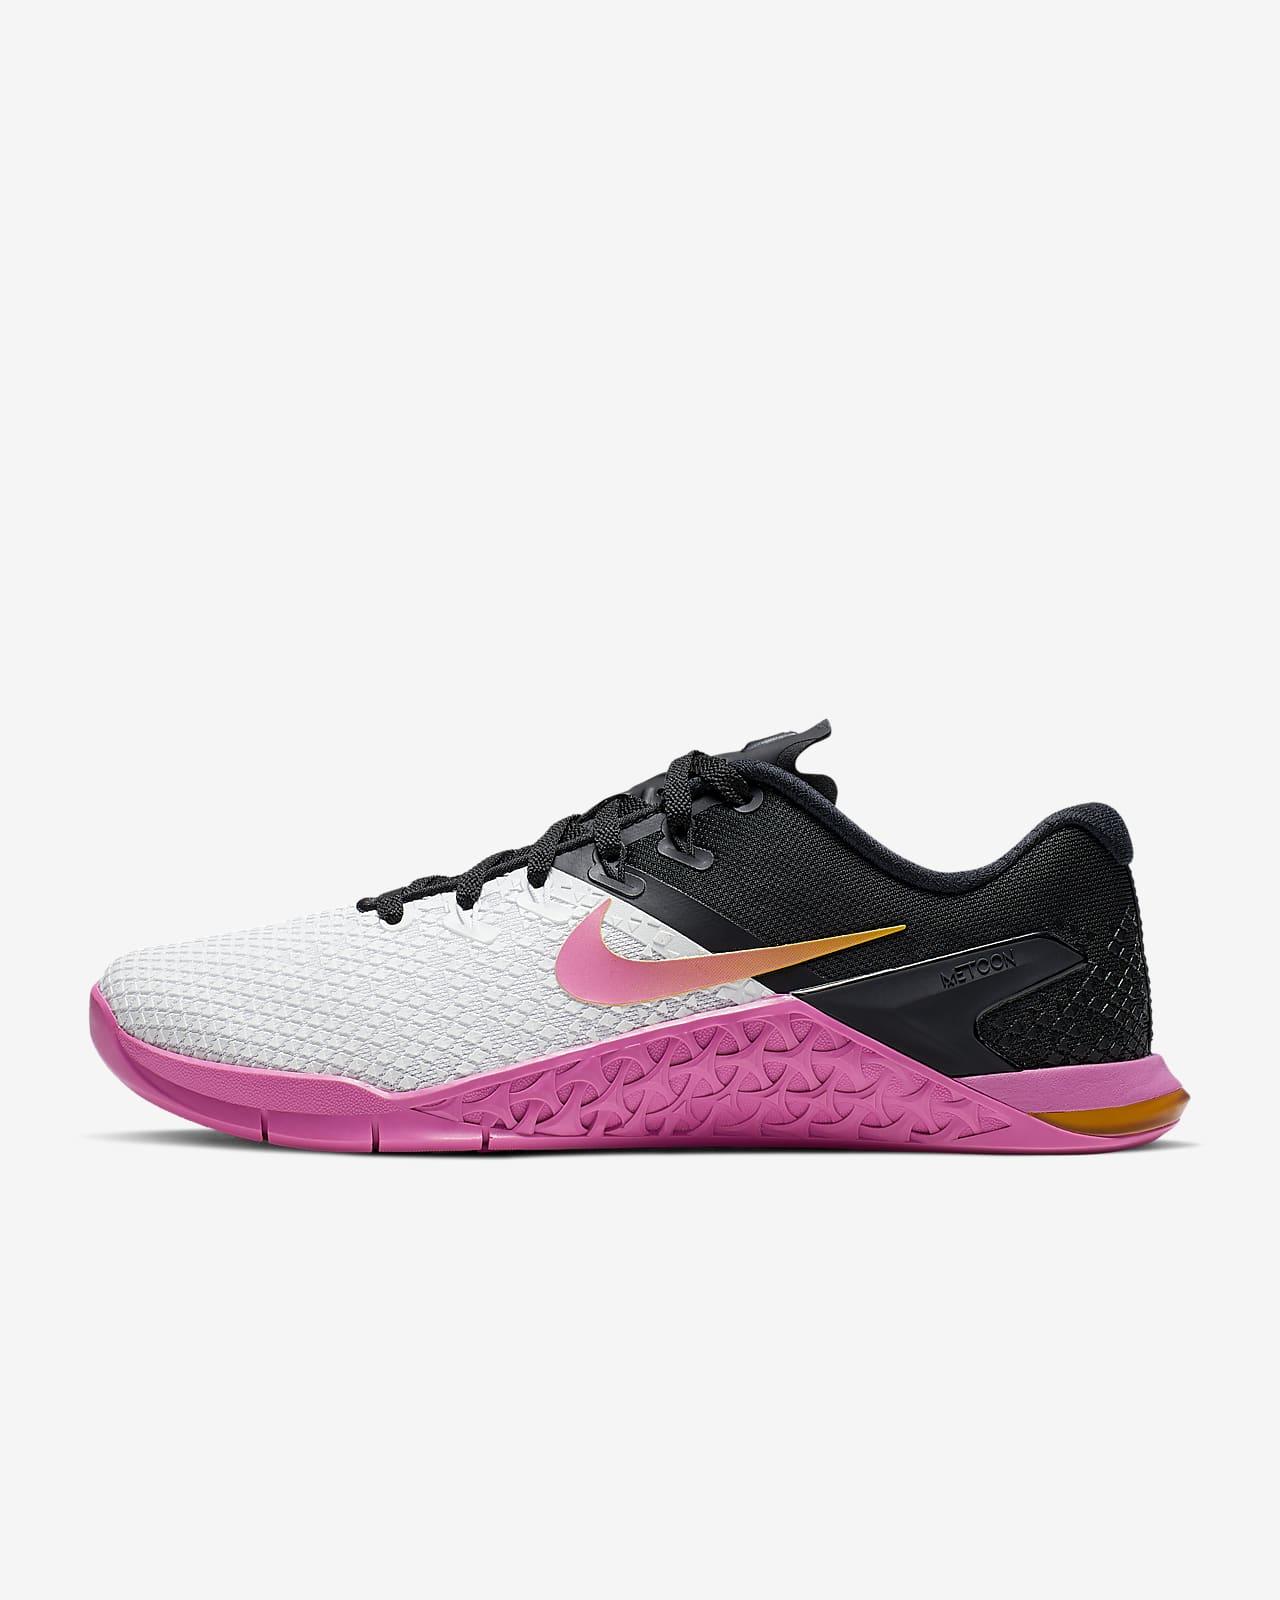 cura Memorándum Estimado  Calzado de cross-training y levantamiento de pesas para mujer Nike Metcon 4  XD. Nike.com